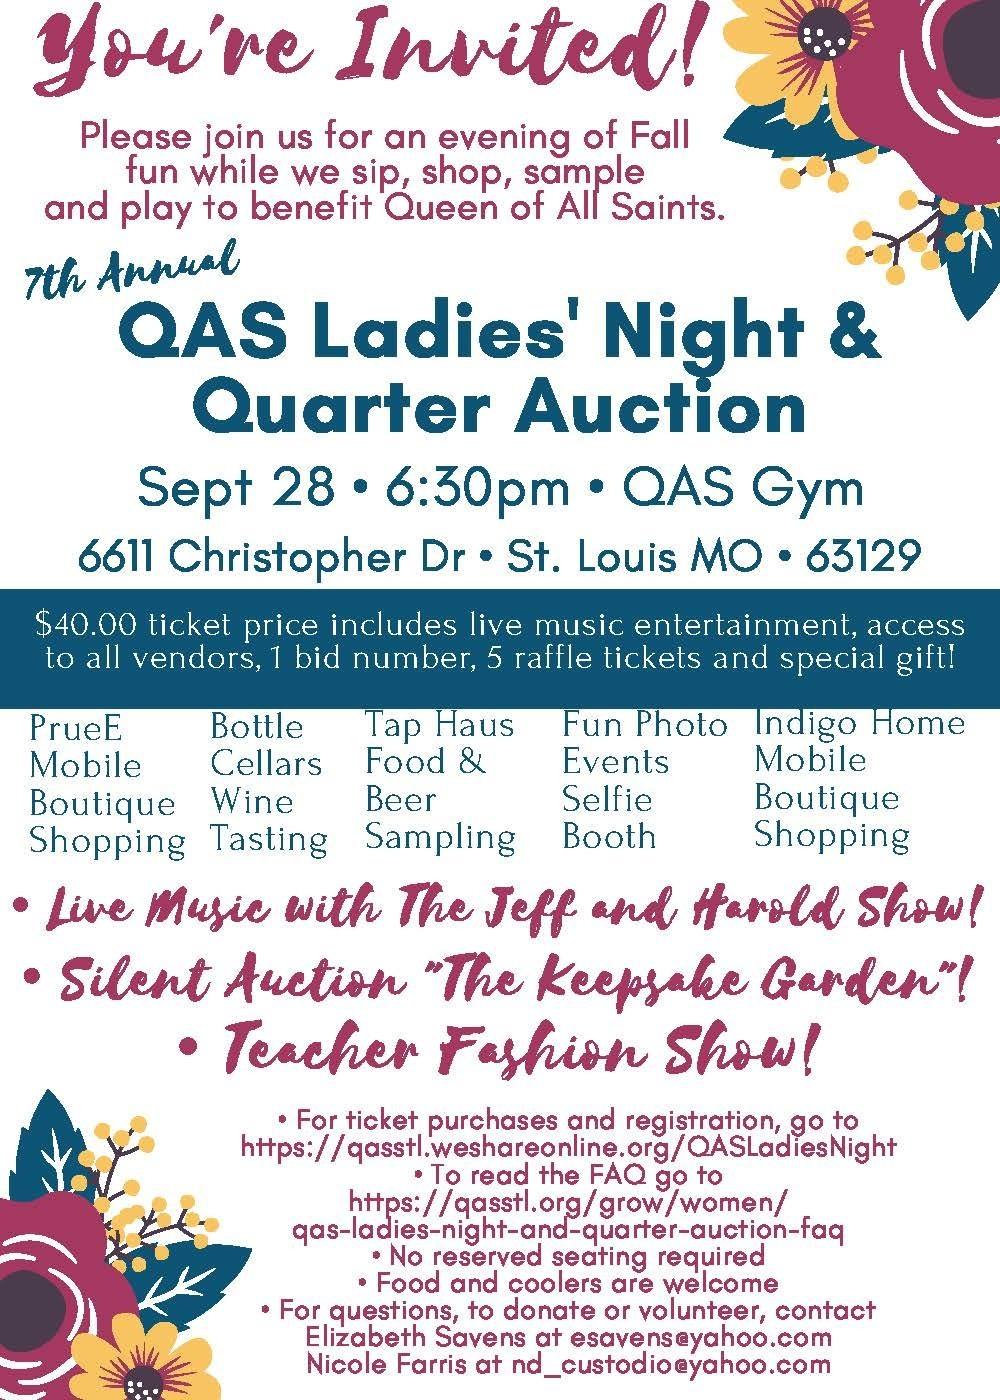 Ladies Night And Quarter Auction Invitation